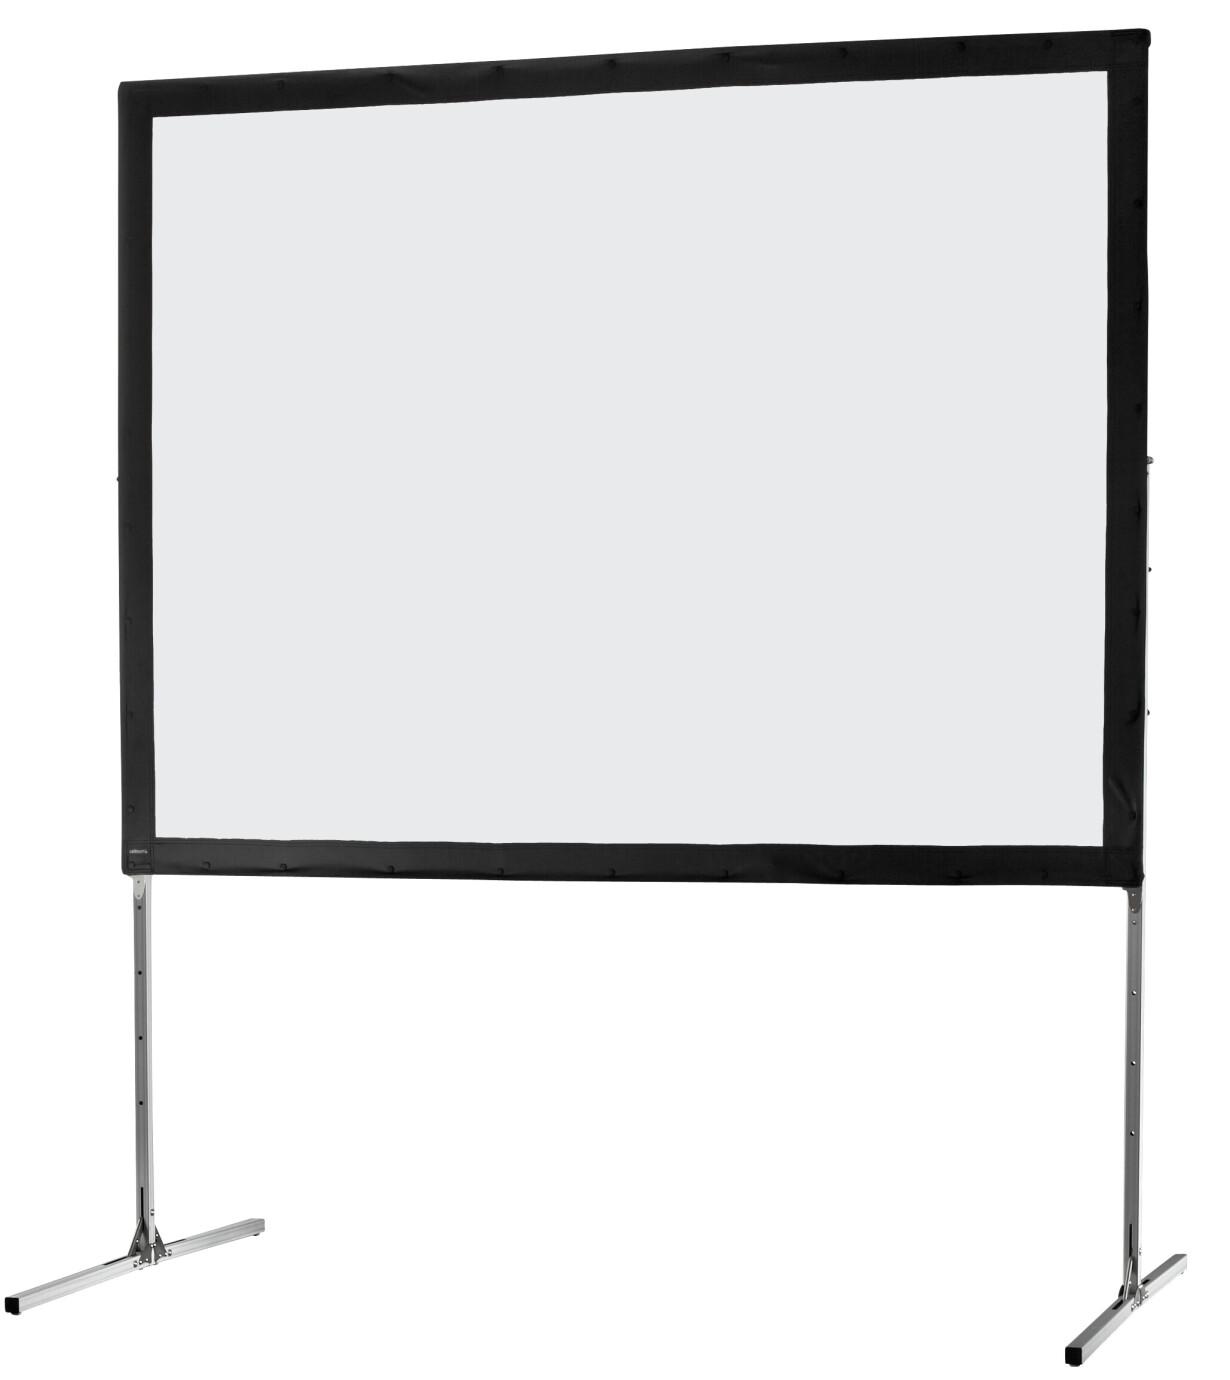 Ecran de projection sur cadre celexon « Mobil Expert » 366 x 274 cm, projection de face